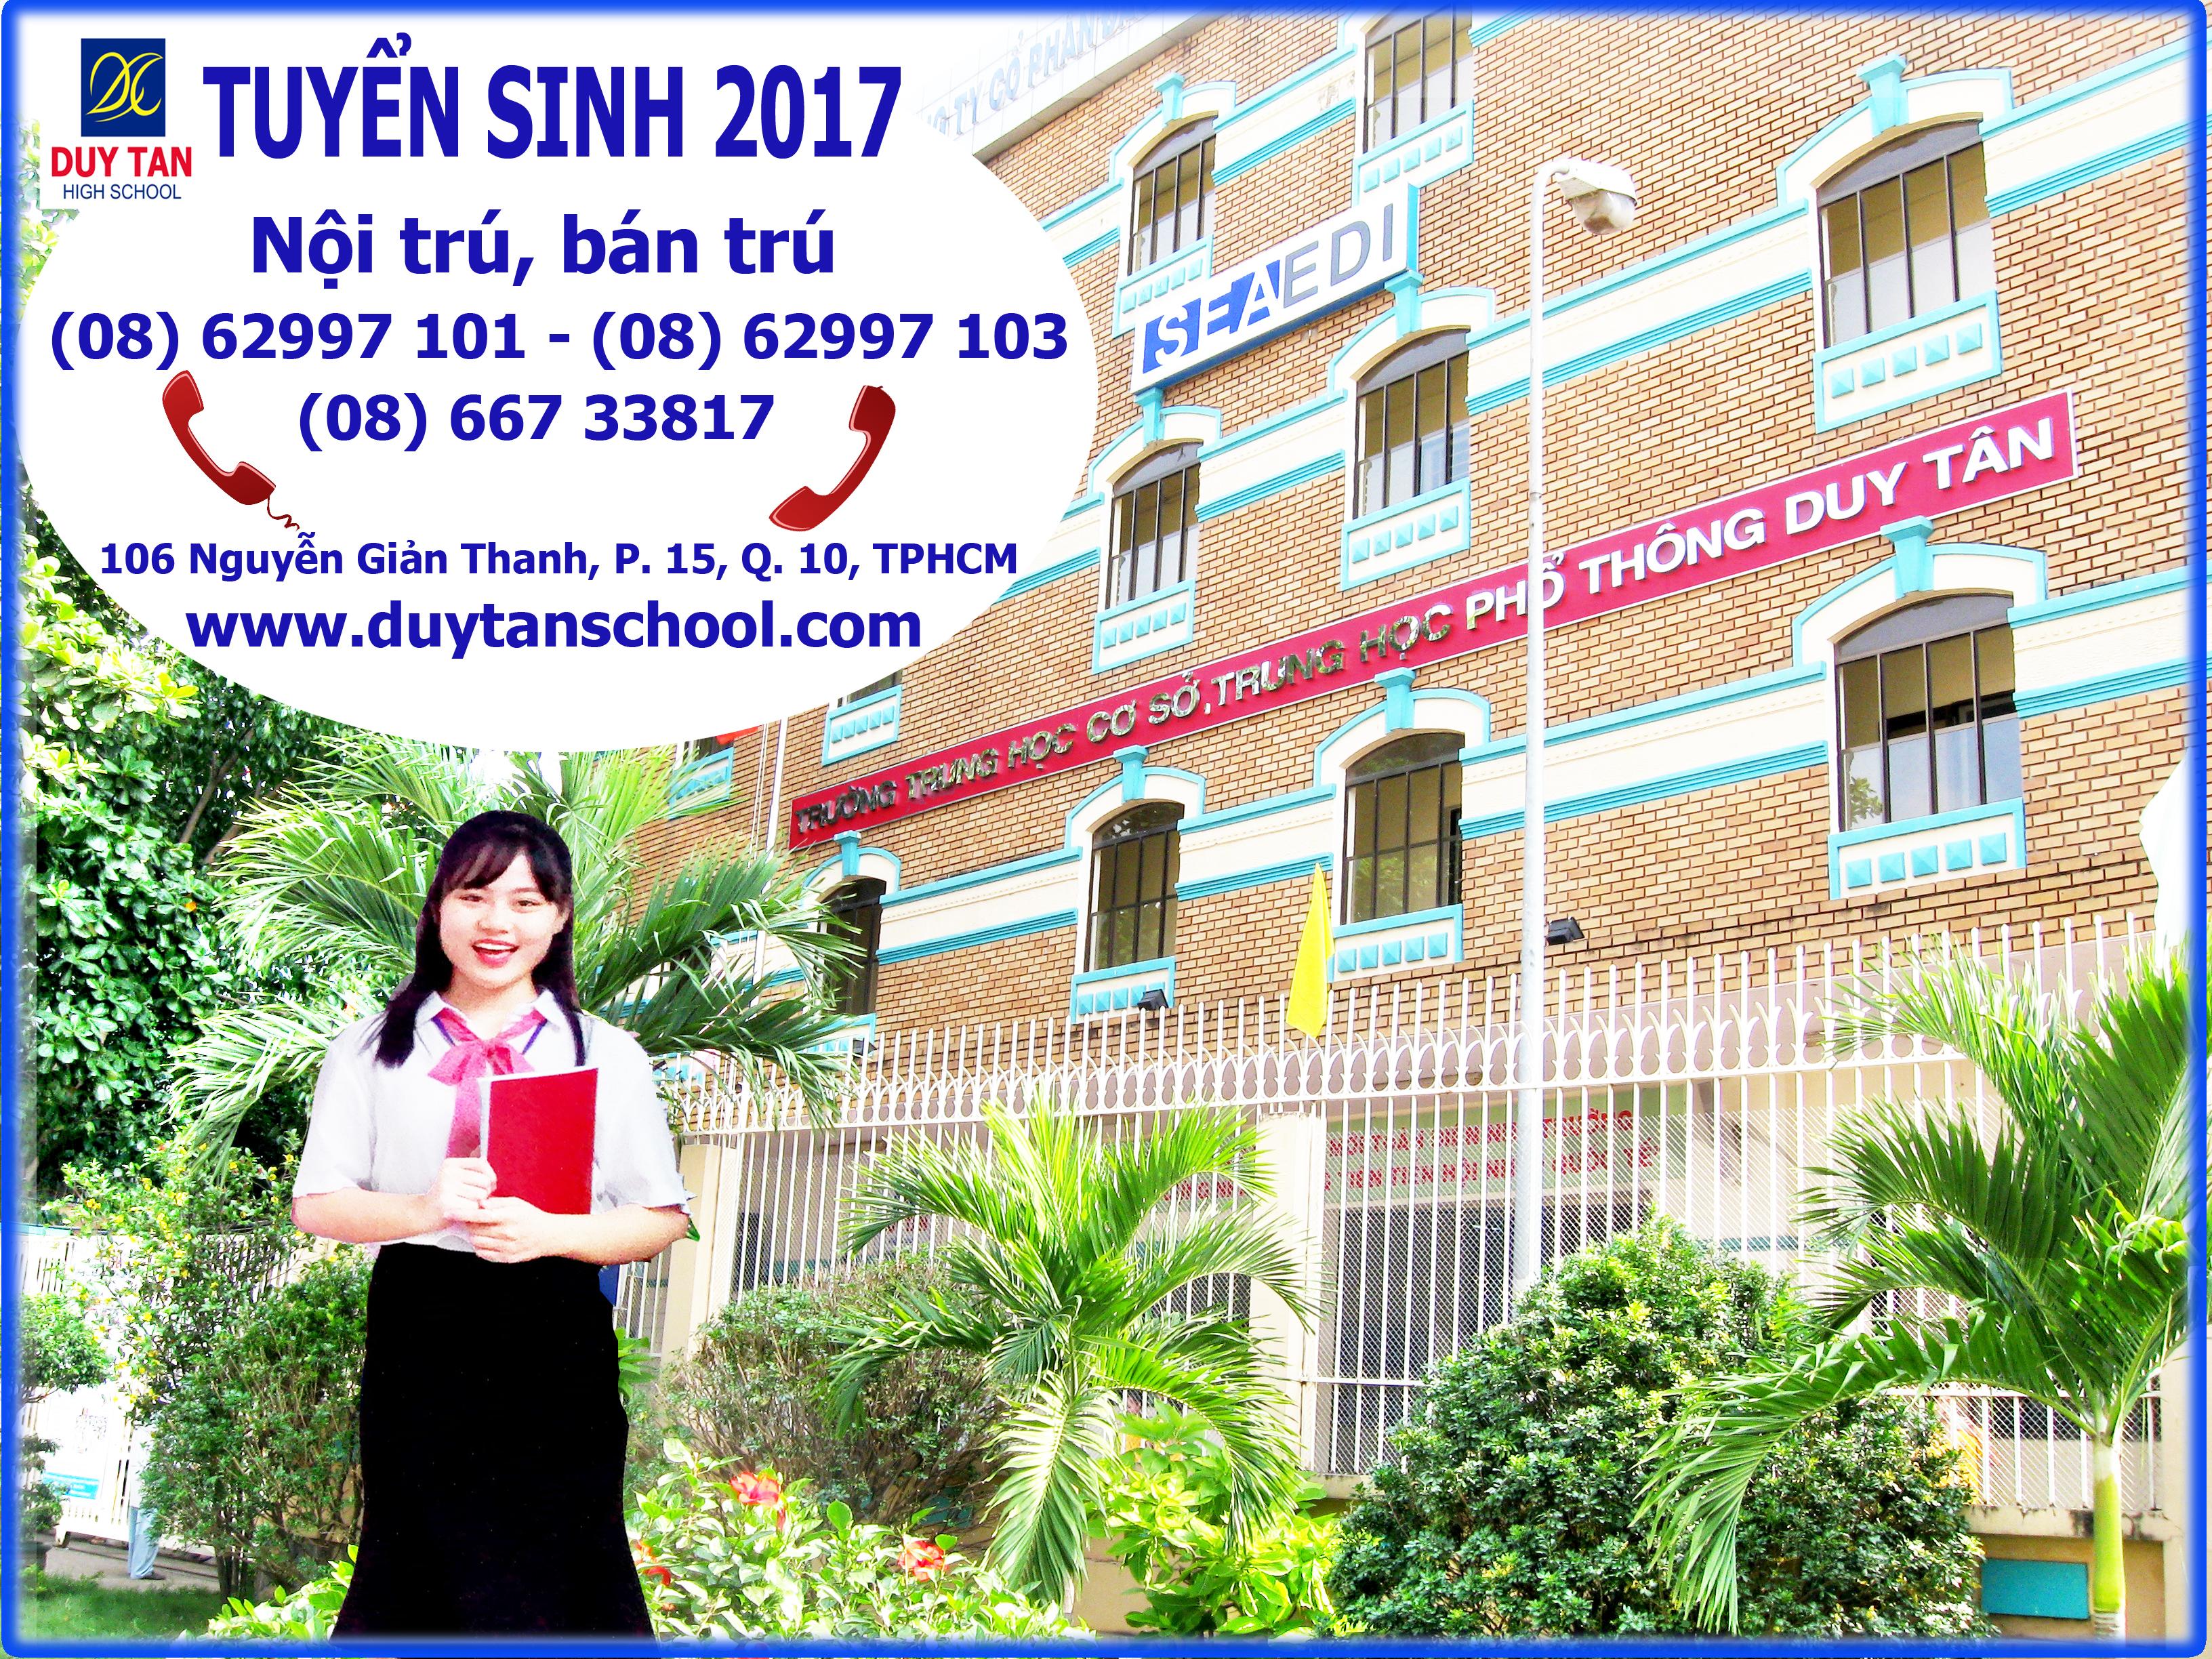 Trường THCS, THPT DUY TÂN tuyển sinh năm học 2017-2018